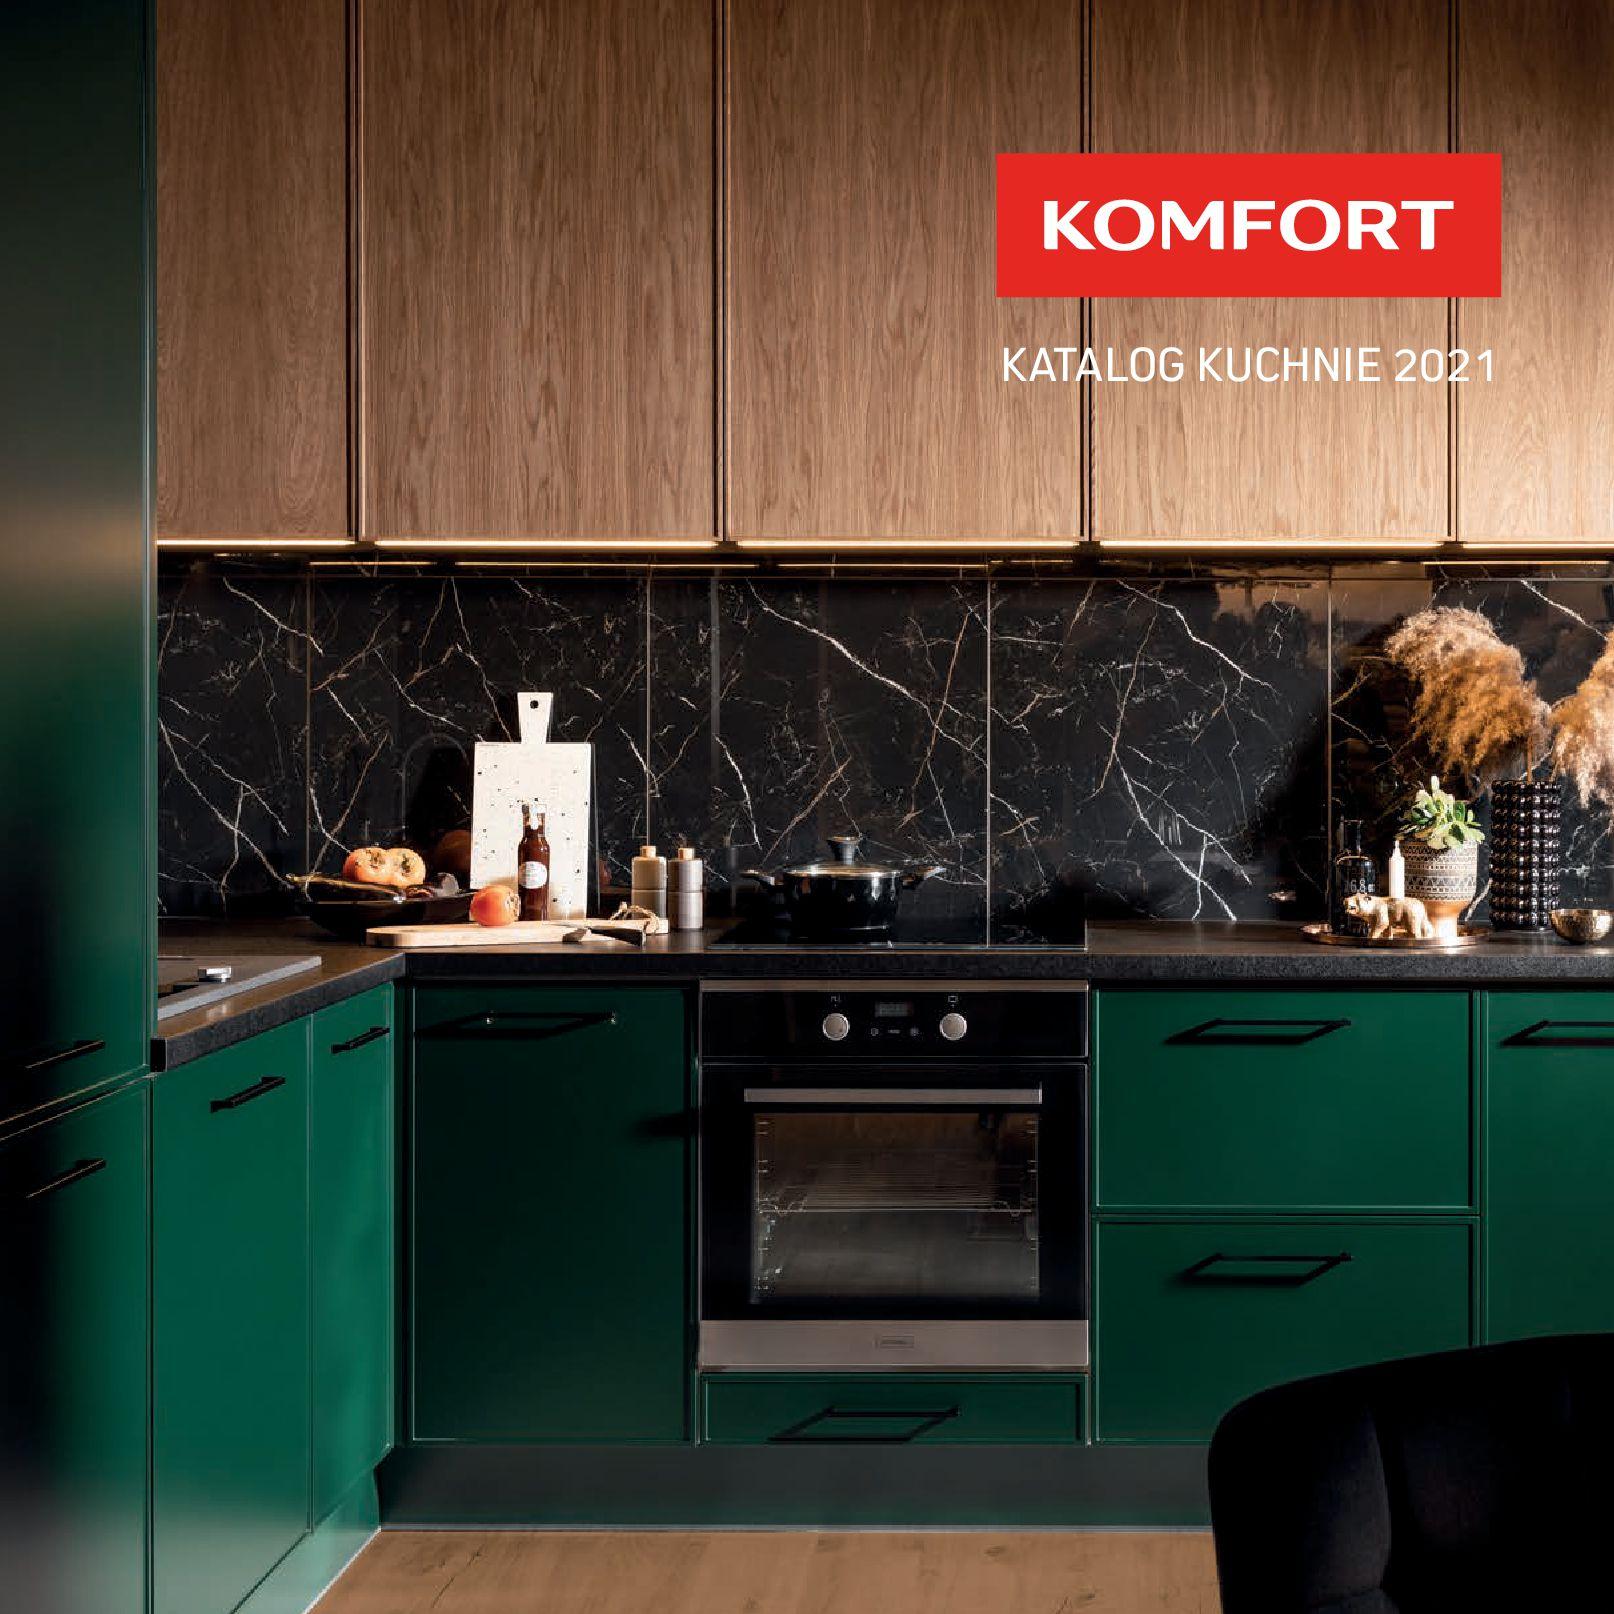 Komfort:  Gazetka Komfort - Katalog Kuchnie 2021 15.06.2021